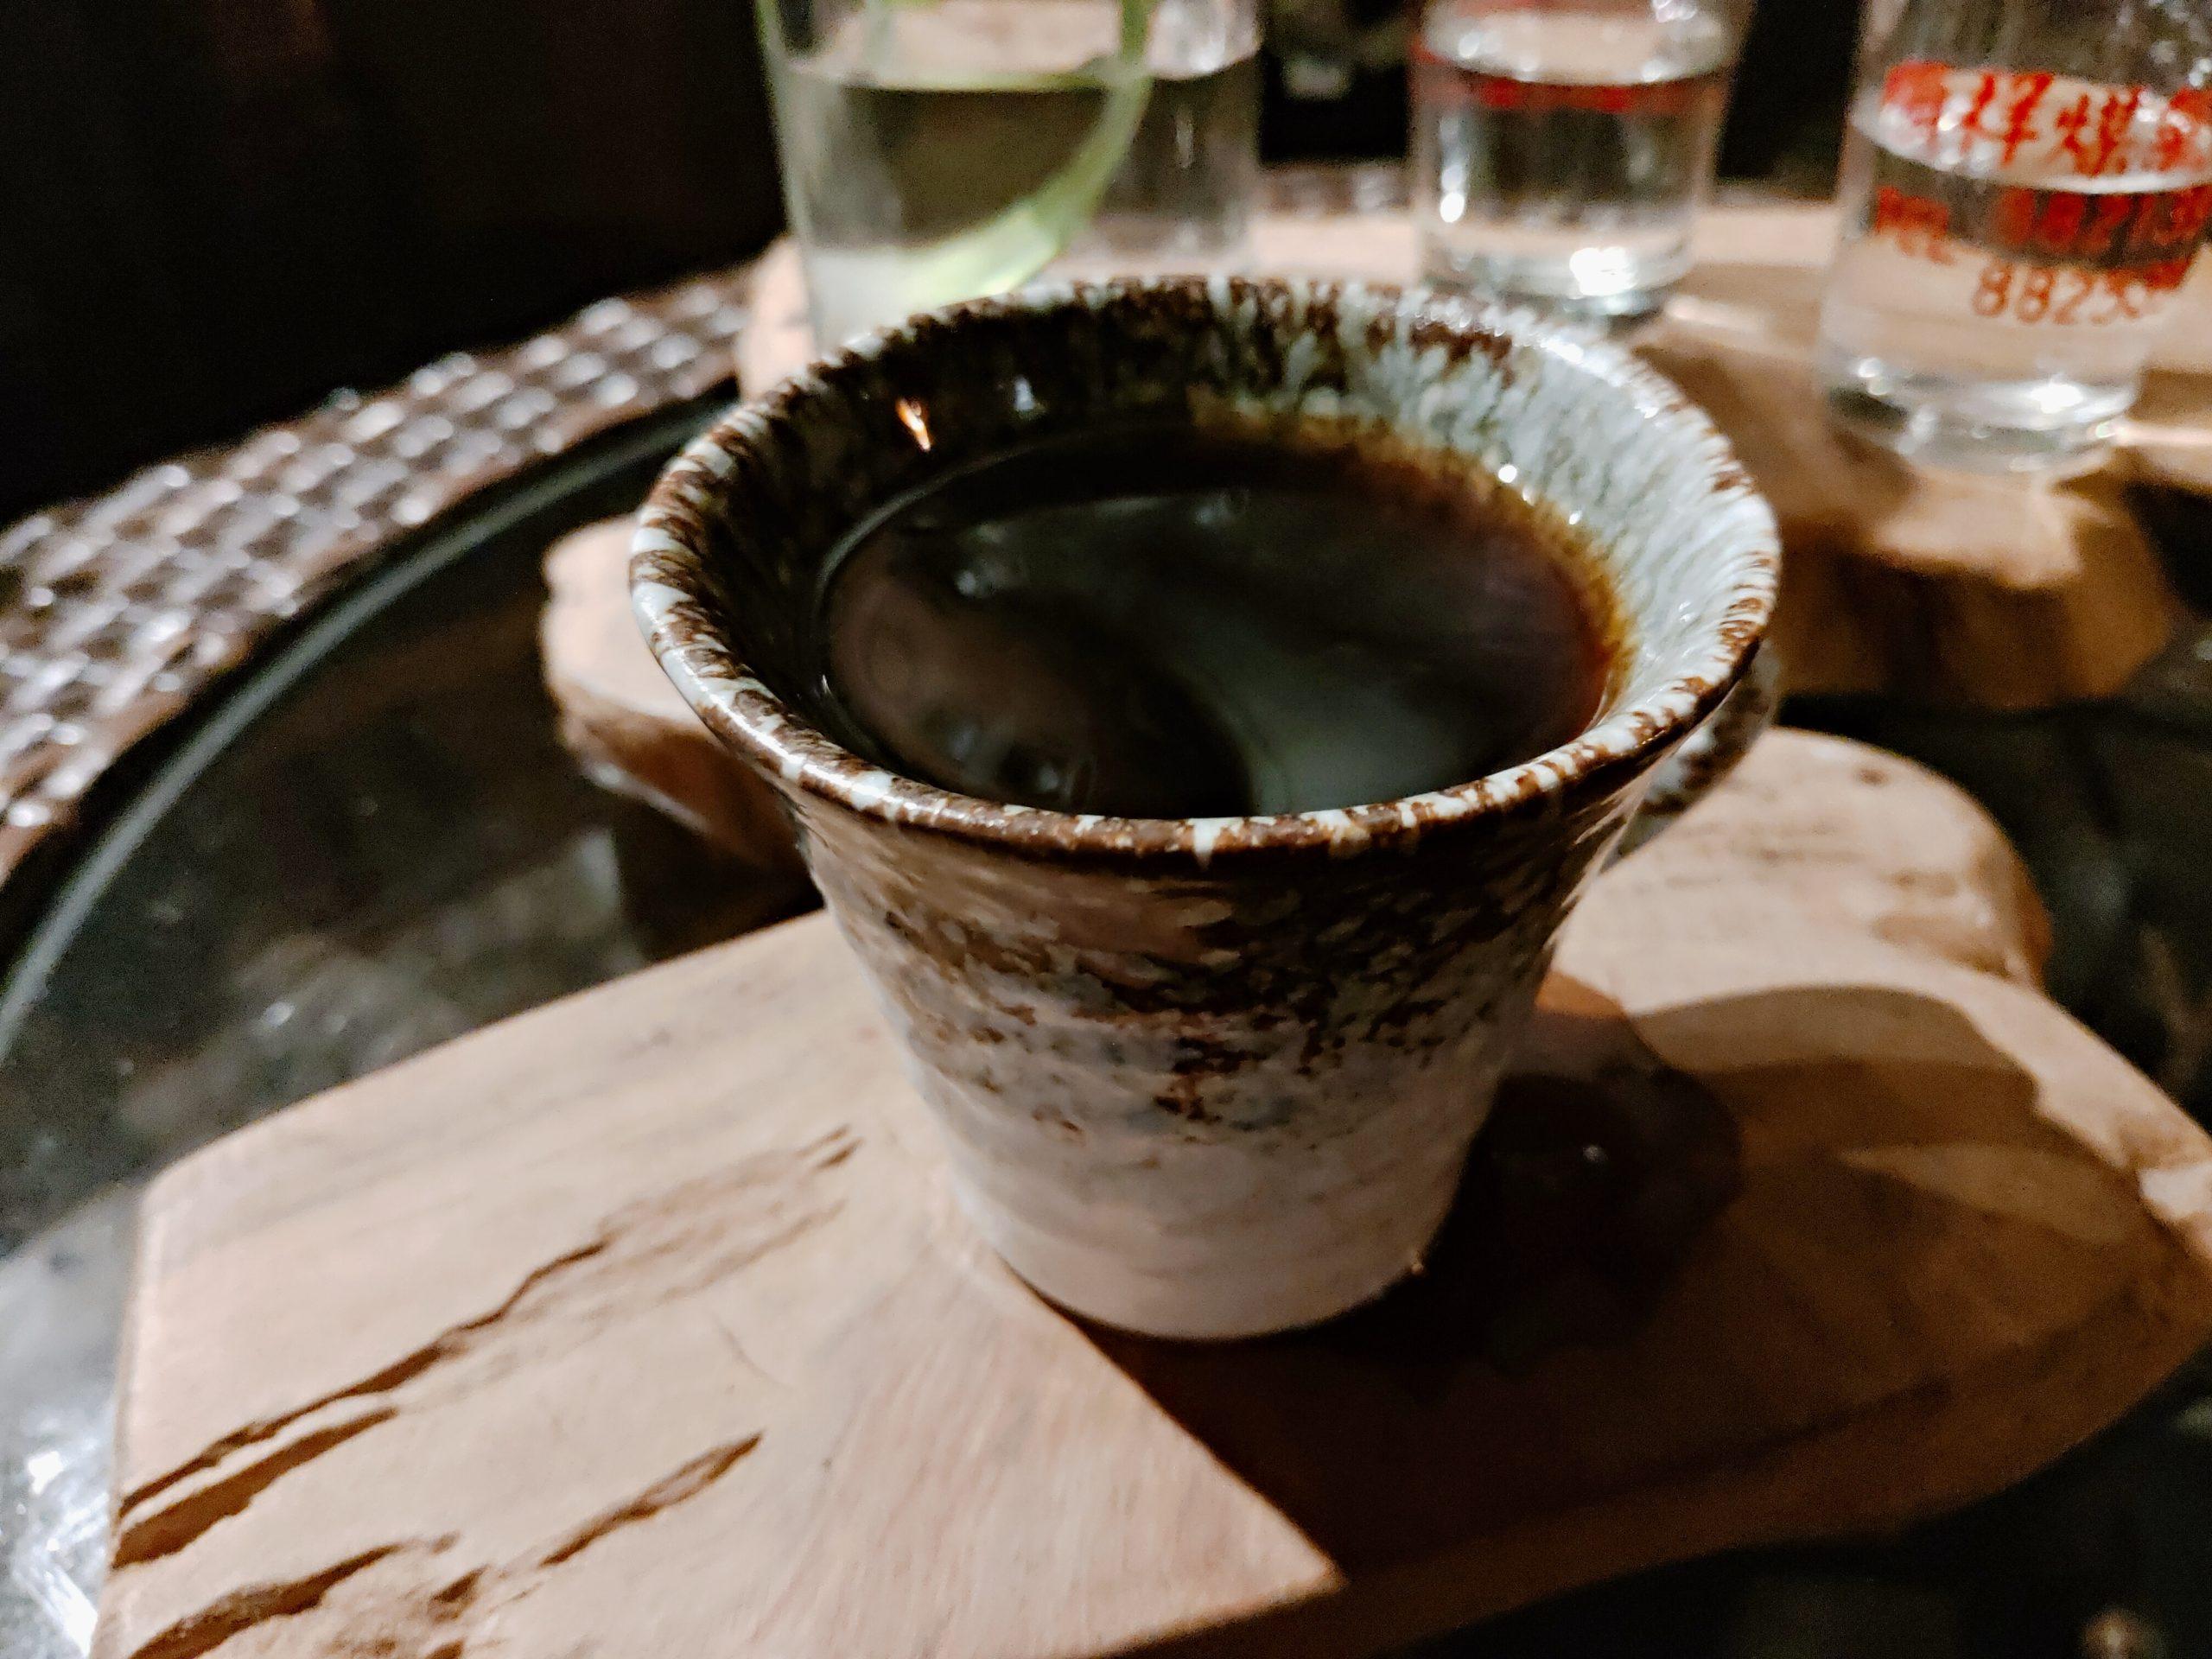 【花蓮玉里】侘咖啡|百年日式老房|侘寂之美與謐靜的咖啡享受